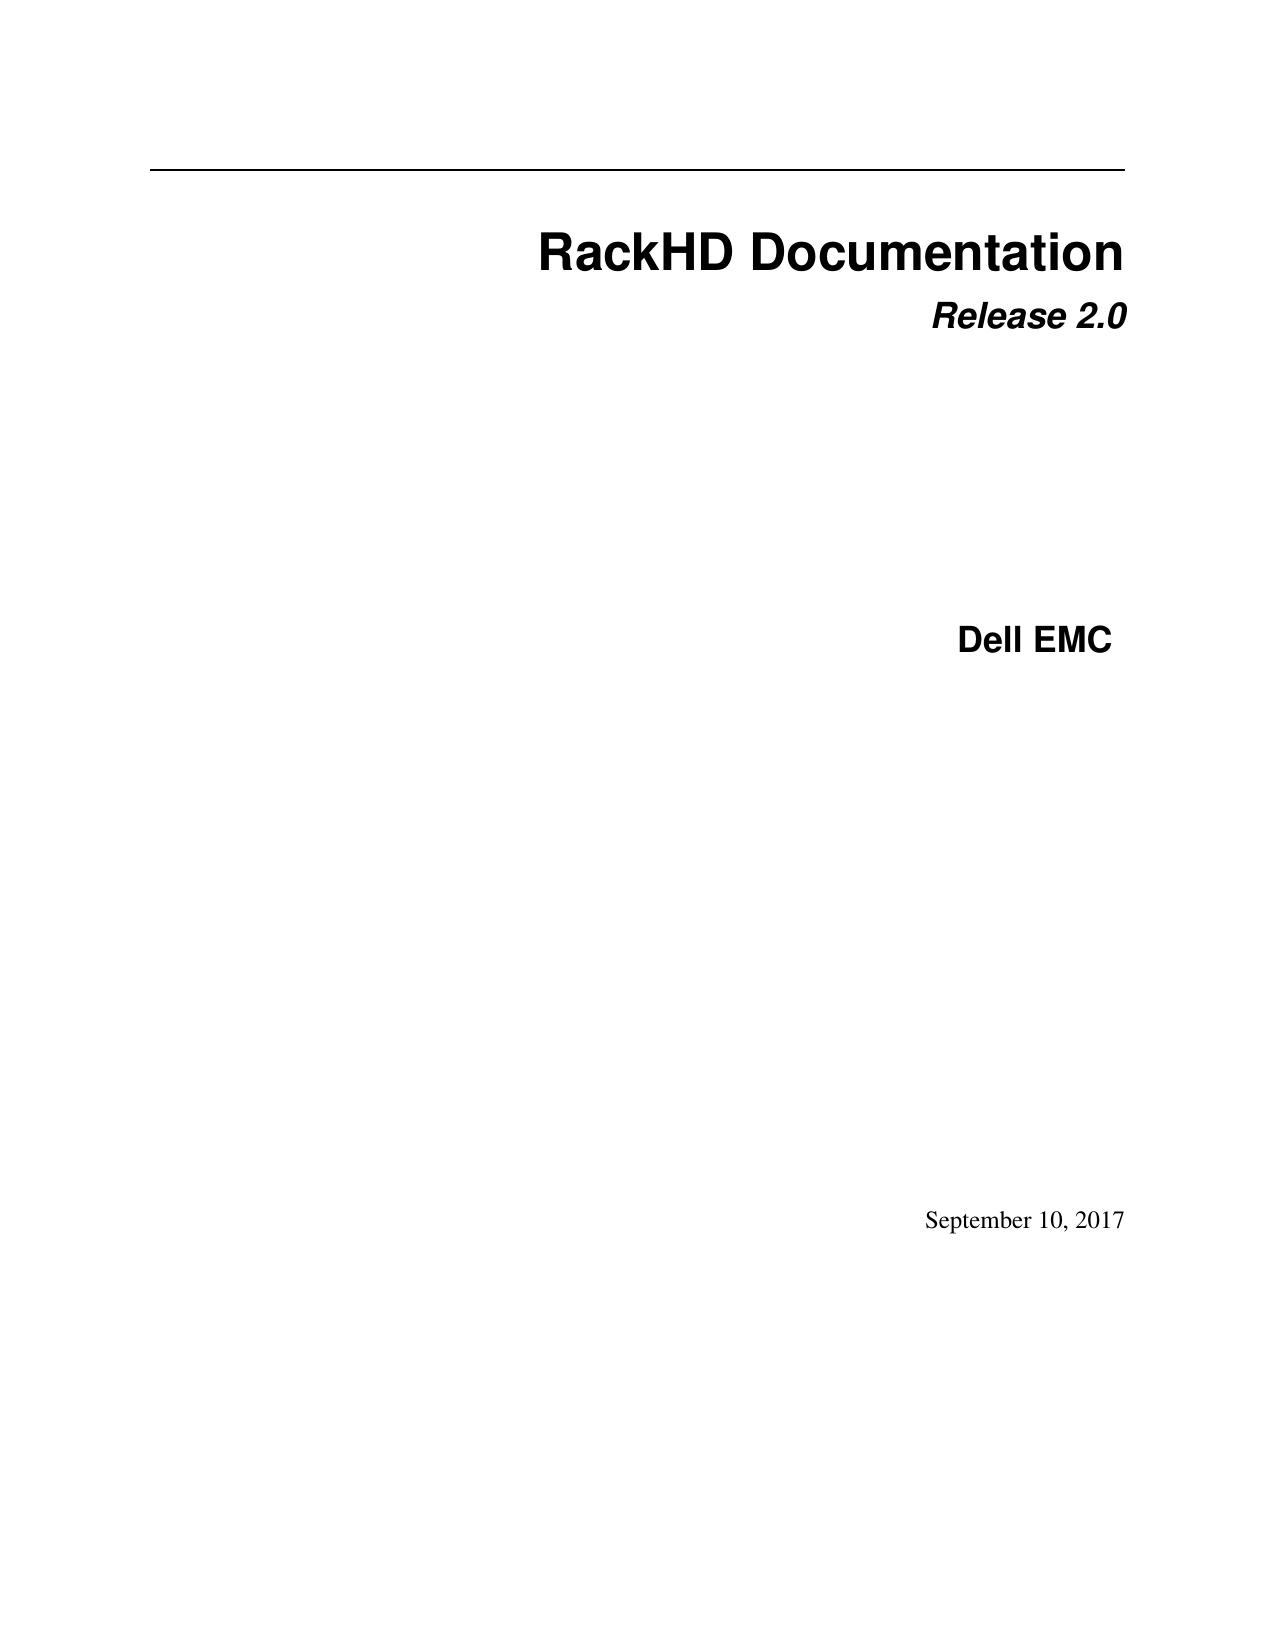 RackHD Documentation | manualzz com